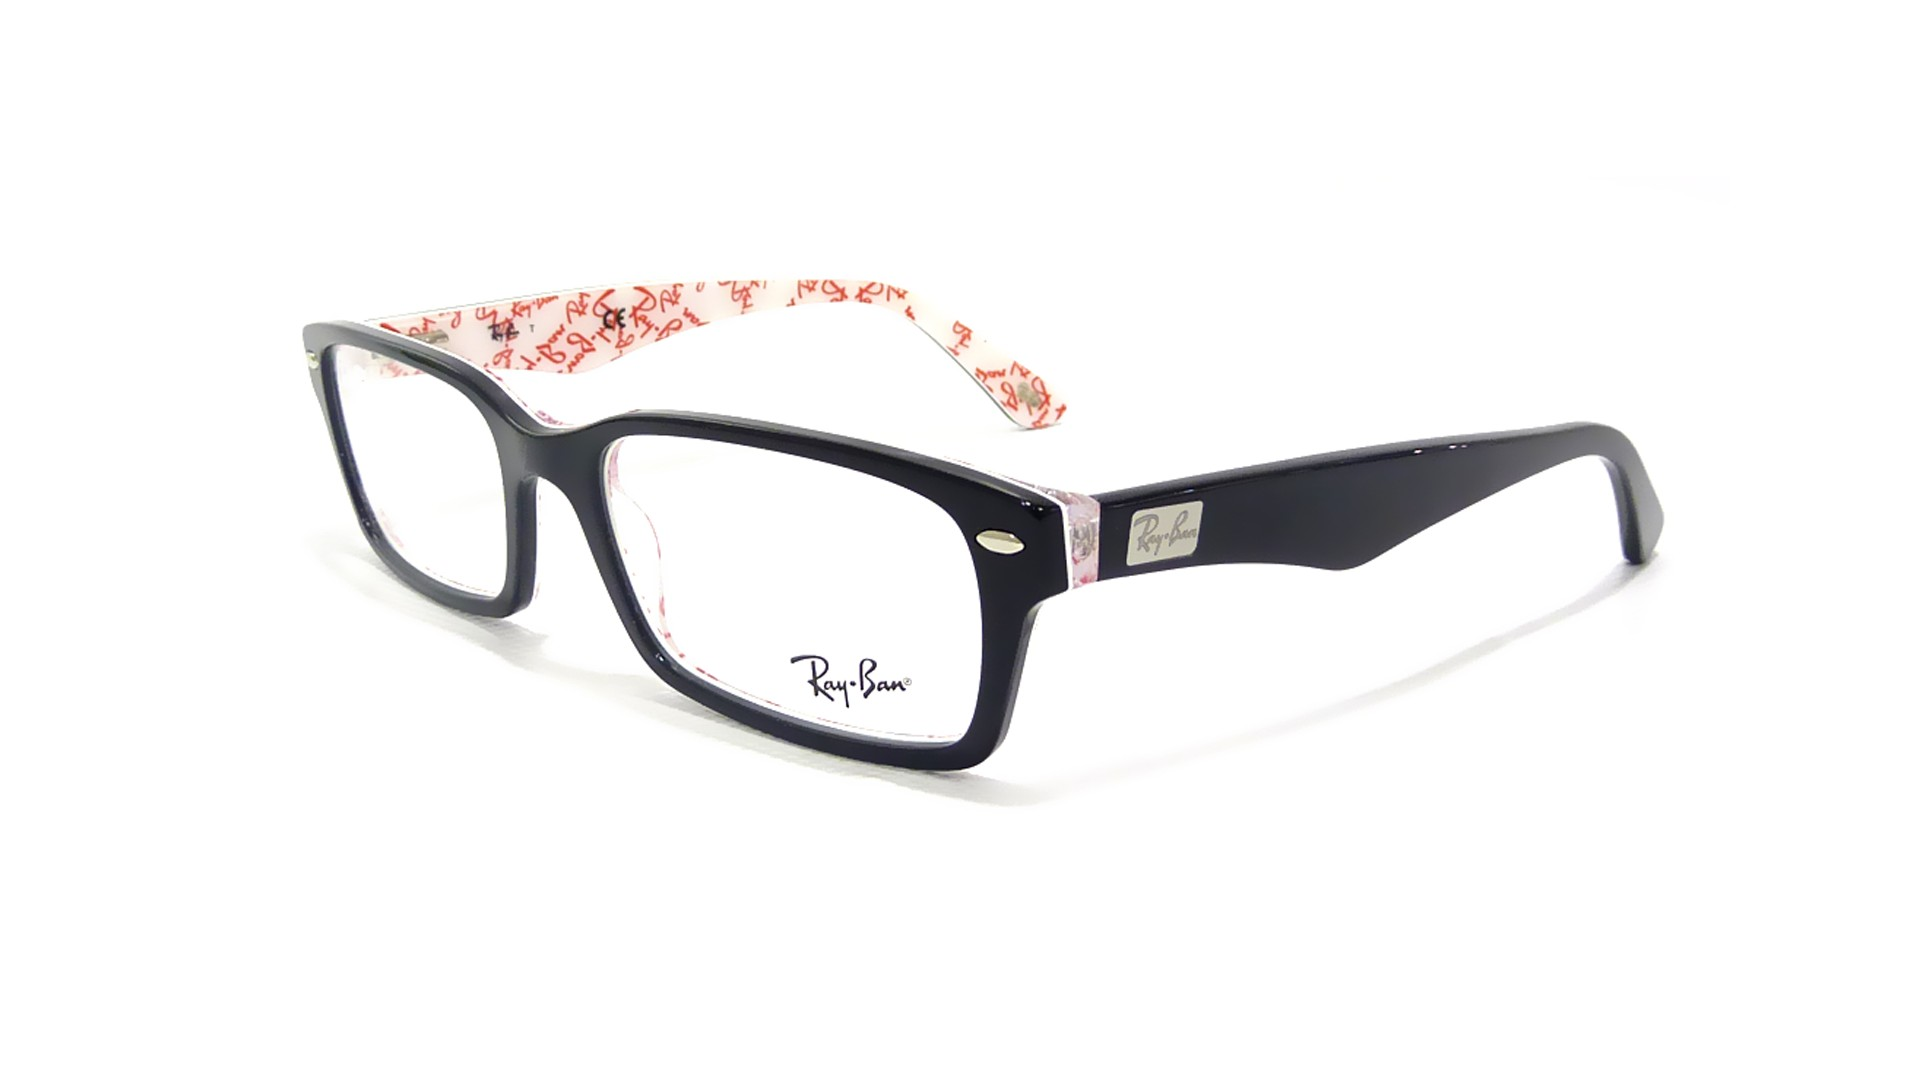 1855715fb9 low cost ray ban 5206 prescription eyeglasses 8e4f6 25b7f  free shipping eyeglasses  ray ban rx5206 rb5206 5014 54 18 black large 86612 9faeb